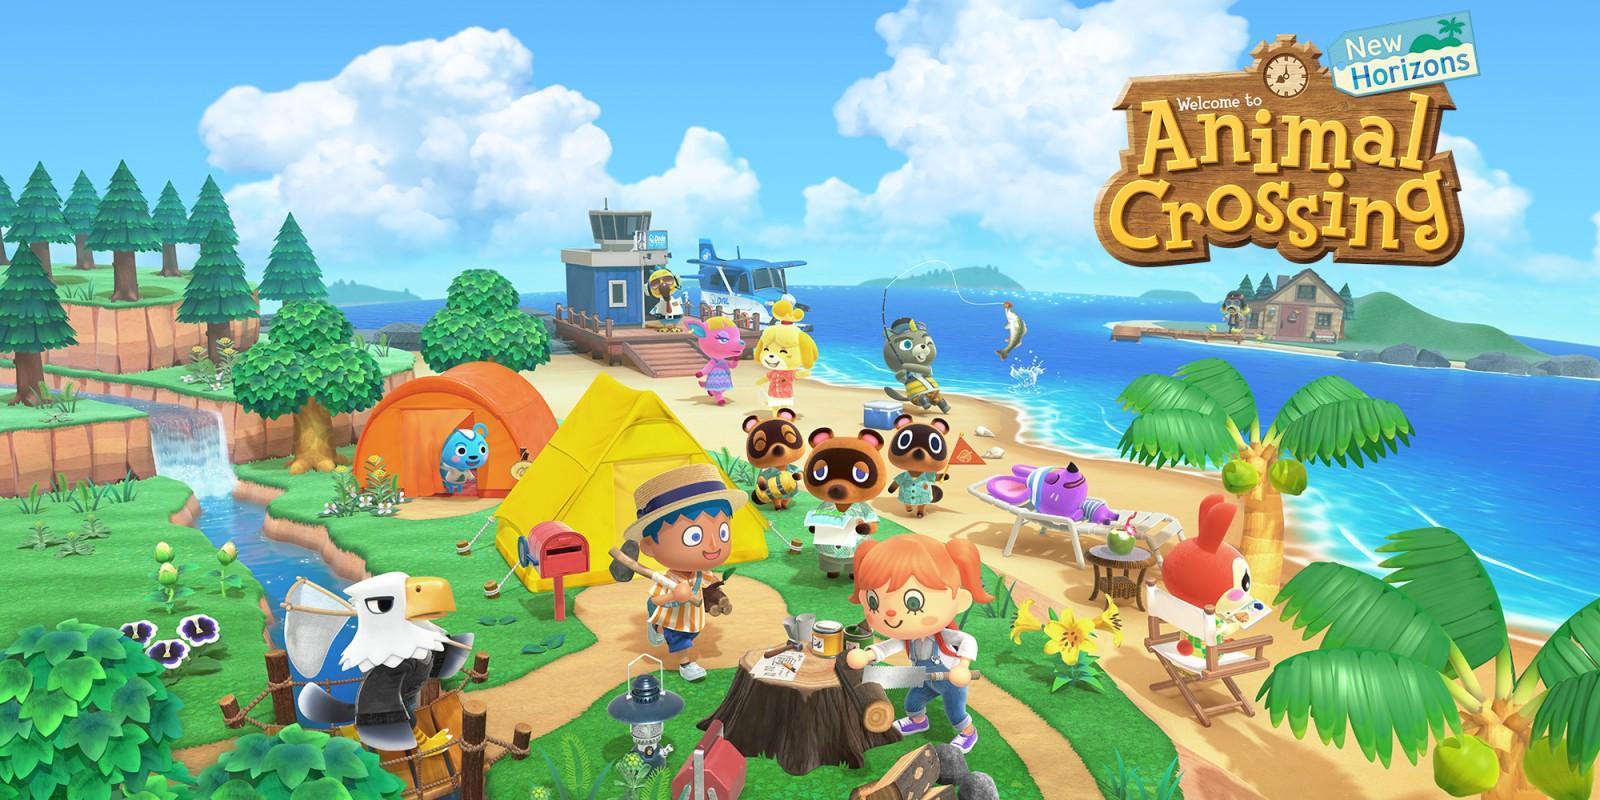 """Immagine di Animal Crossing New Horizons """"width ="""" 600 """"height ="""" 300 """"/> </p></noscript> <p> La già emblematica saga di Nintendo è tornata quest'anno e nel miglior tempo possibile, poiché per molti è stato l'unico sollievo durante i terribili mesi di reclusione. Come è consuetudine in <strong> Animal Crossing </strong>il gioco ci permette di creare il nostro avatar e poi raggiungere la nuova posizione del titolo: <strong> La nostra isola deserta! </strong> Anche se non fatevi ingannare, Questo non significa che questa volta non ti indebiterai fino alle sopracciglia <strong> con Tom Nook </strong>. Il procione più avido dei videogiochi torna ancora una volta disposto a eliminare ogni bacca che vinci nel gioco. A differenza di altri Animal Crossing, questa volta sarai in grado <strong> di modellare l'isola come desideri </strong> e, mentre raccogli oggetti, pesca o pianta alberi, nuovi abitanti e attività commerciali arriveranno sul tuo isolotto. Divertiti a fare amicizia, scoprire i tuoi nuovi vicini o invitare i tuoi amici a trascorrere qualche giorno nel tuo paradiso privato grazie alle sue opzioni multiplayer. Ti divertirai un mondo! Animal Crossing: New Horizons è un titolo esclusivo per Nintendo Switch. Puoi acquistare il tuo tramite il sito web di Amazon facendo clic sul seguente link. </p> <h2> <strong> Fiore </strong> </h2> <p> <img   alt="""